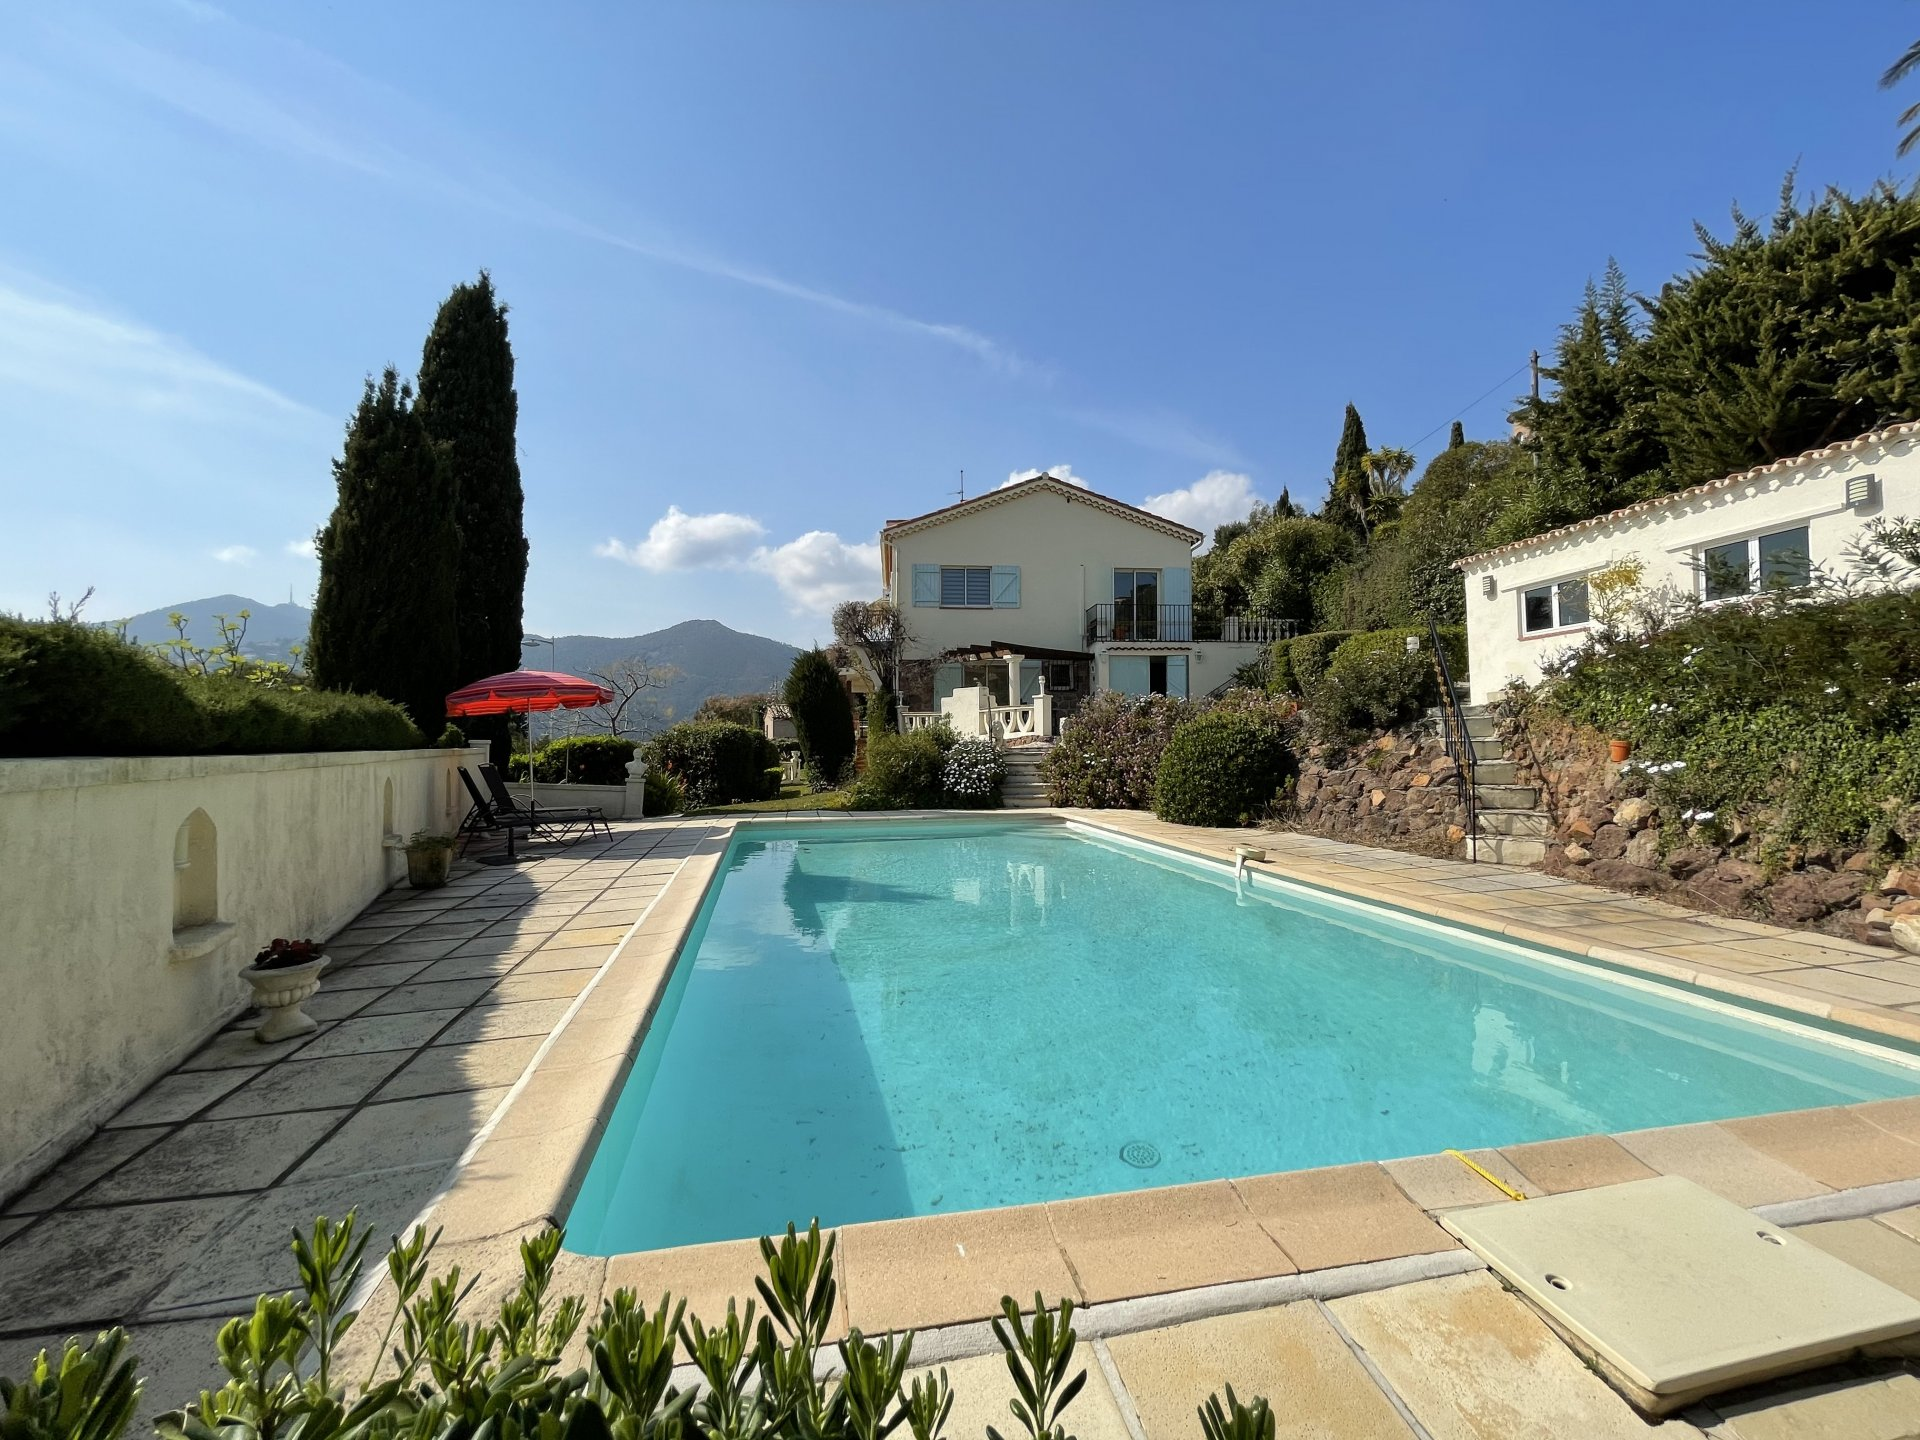 Villa mit 2 unabhängigen Ebenen, Ferienhaus, Garage, Parkplätze